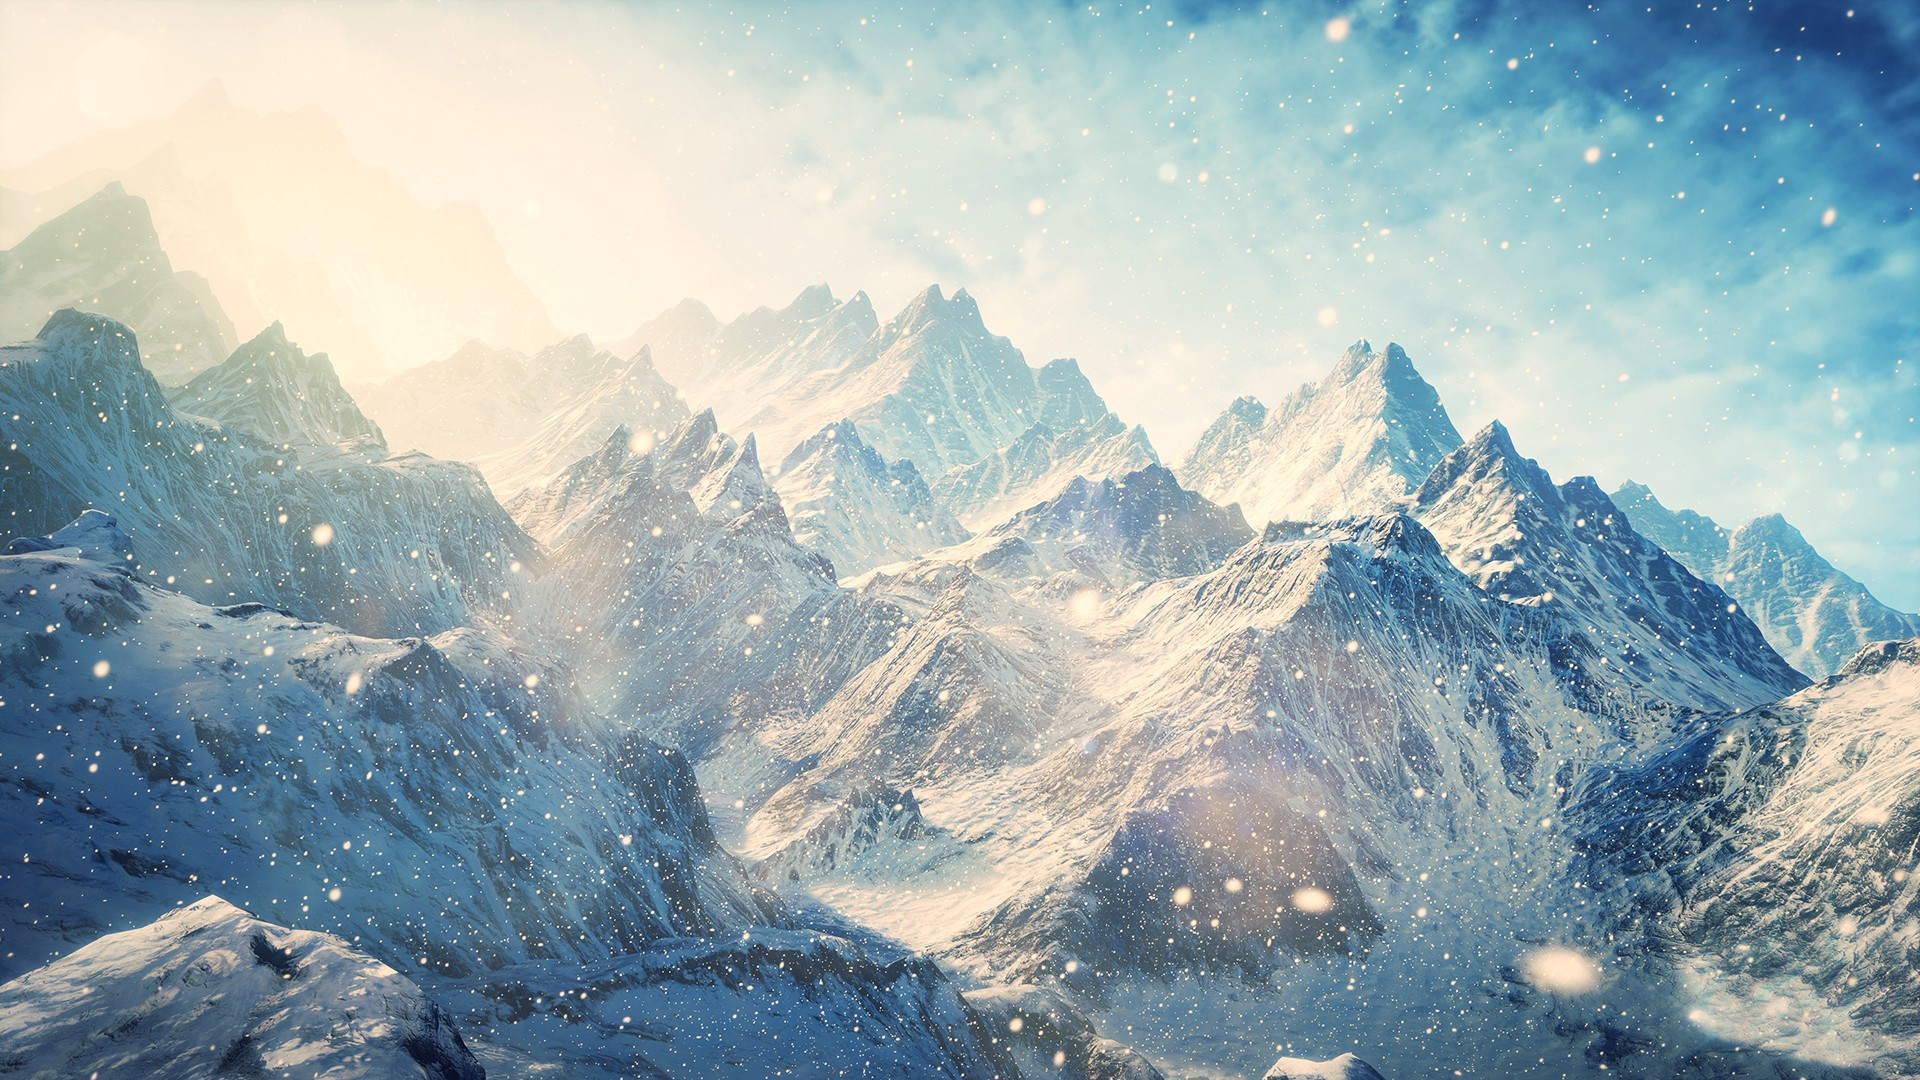 Winter Mountains Widescreen